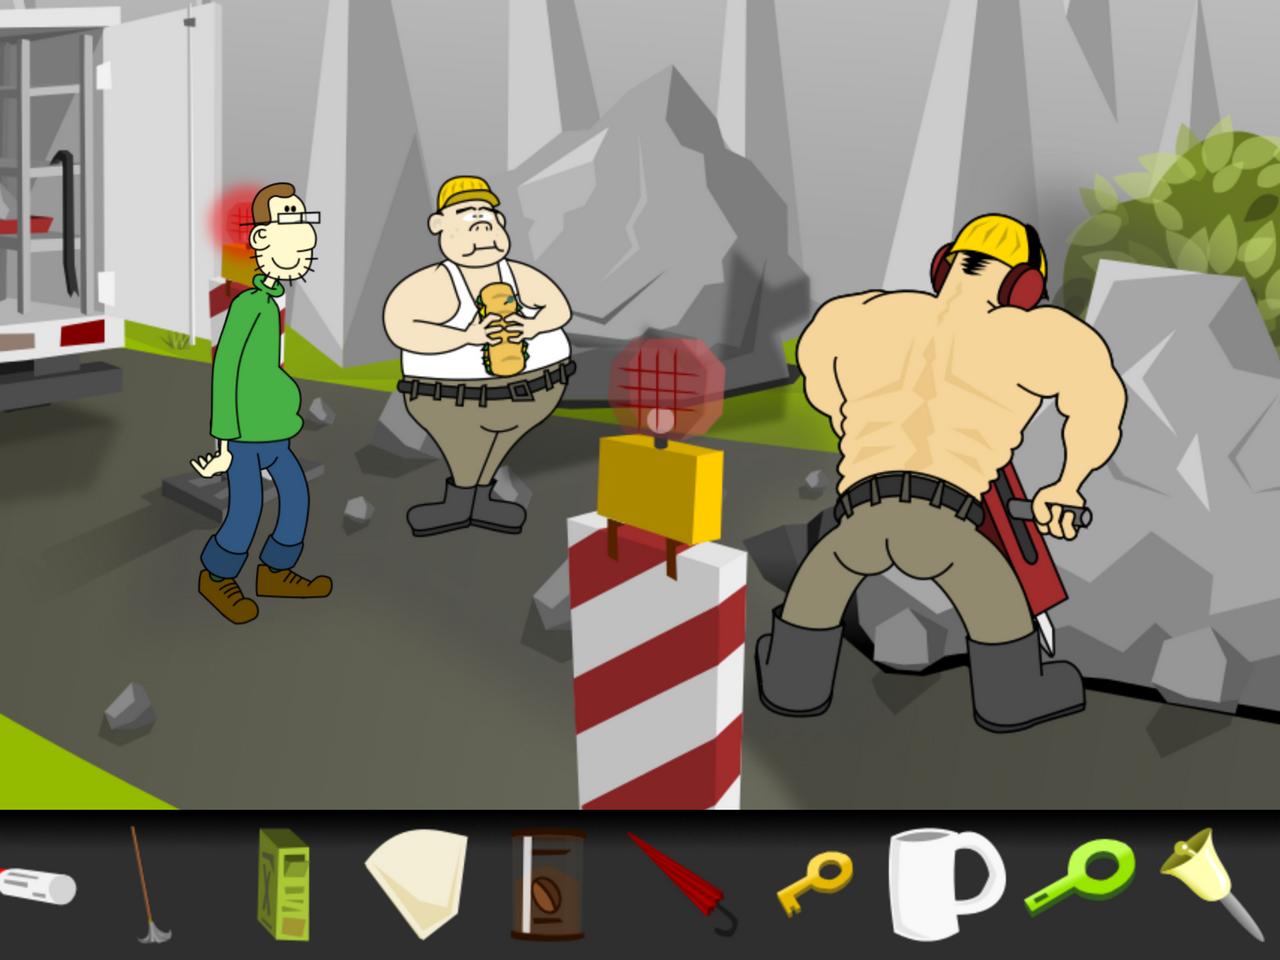 Argh! Earthlings! ist nicht nur ein Spiel für harte Kerle... (Bild: Damian Thater)